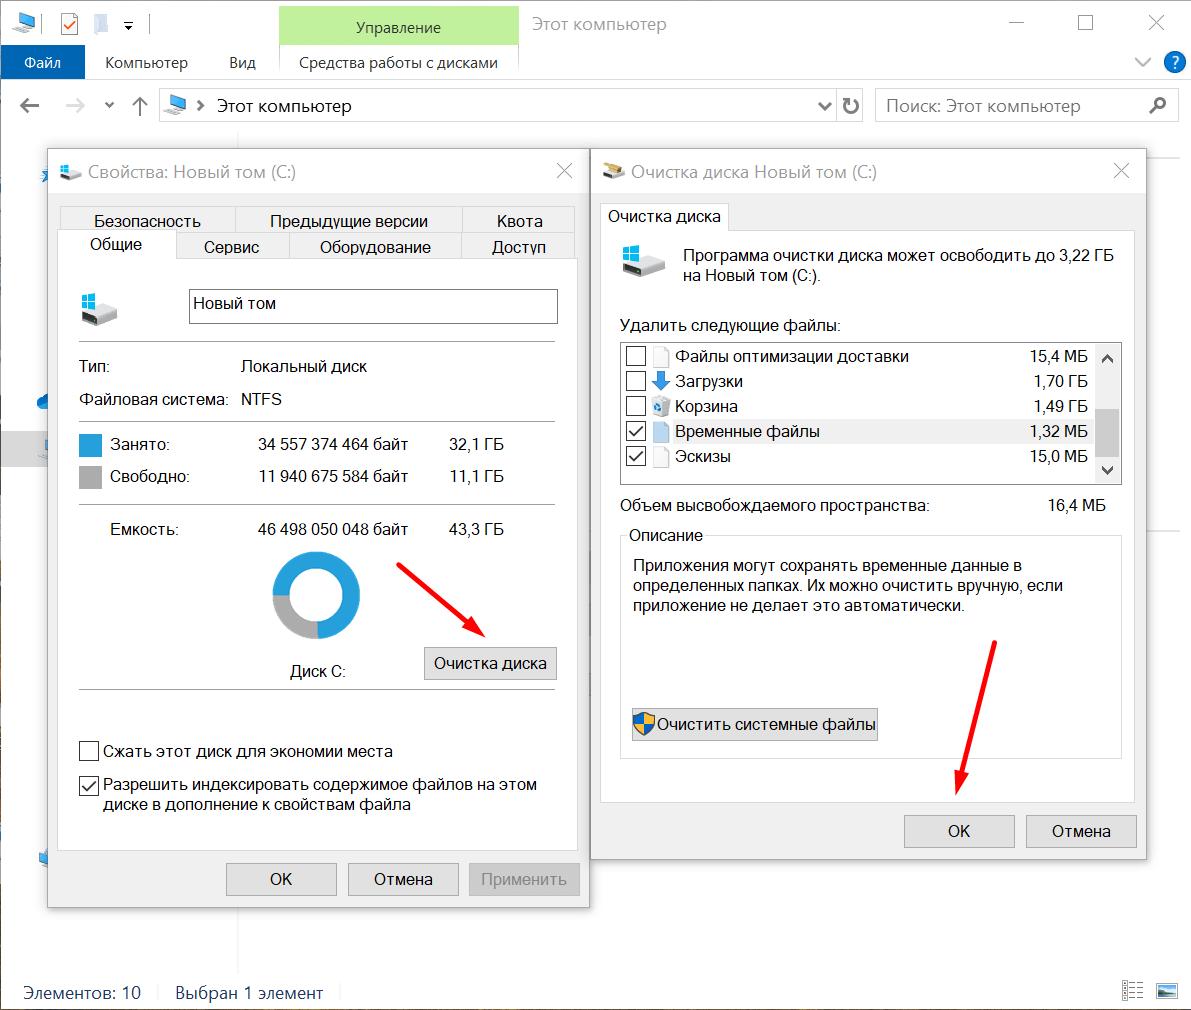 Очистка системных файлов на диске